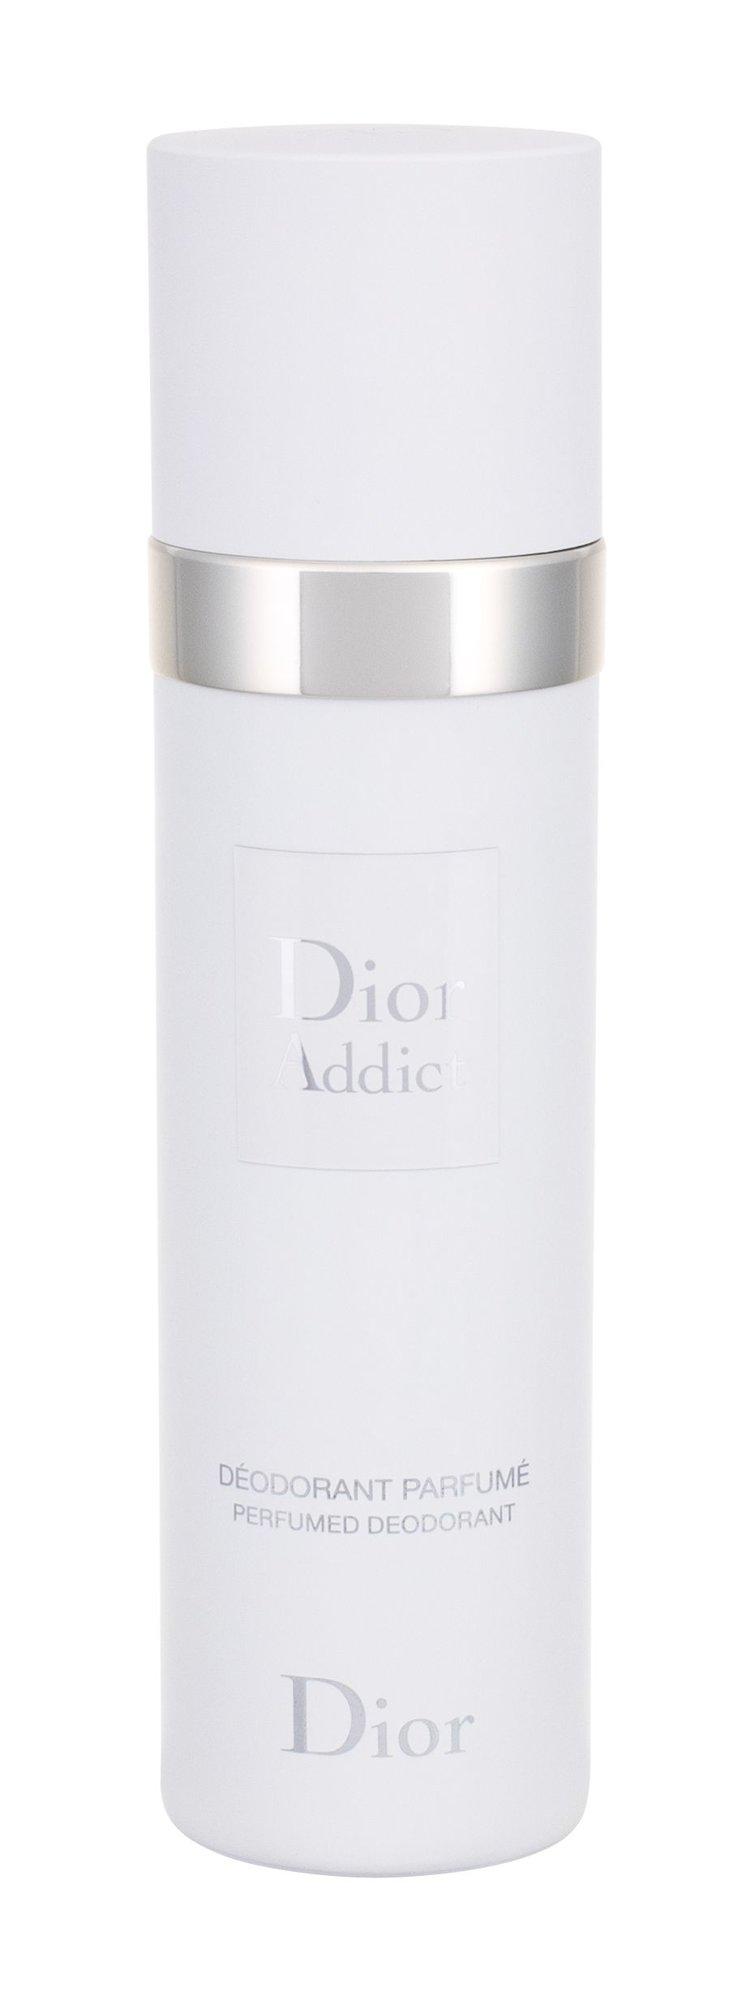 Christian Dior Addict, Deosprey 100ml